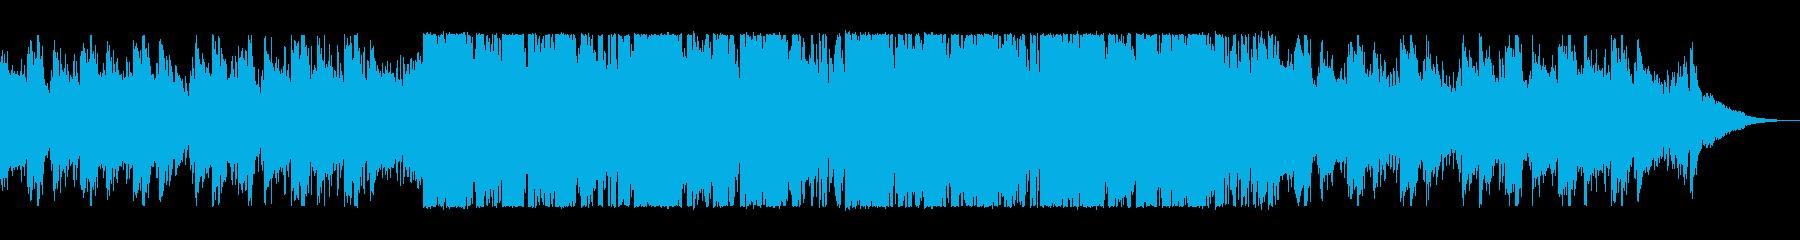 疾走感のあるテクノポップスの再生済みの波形